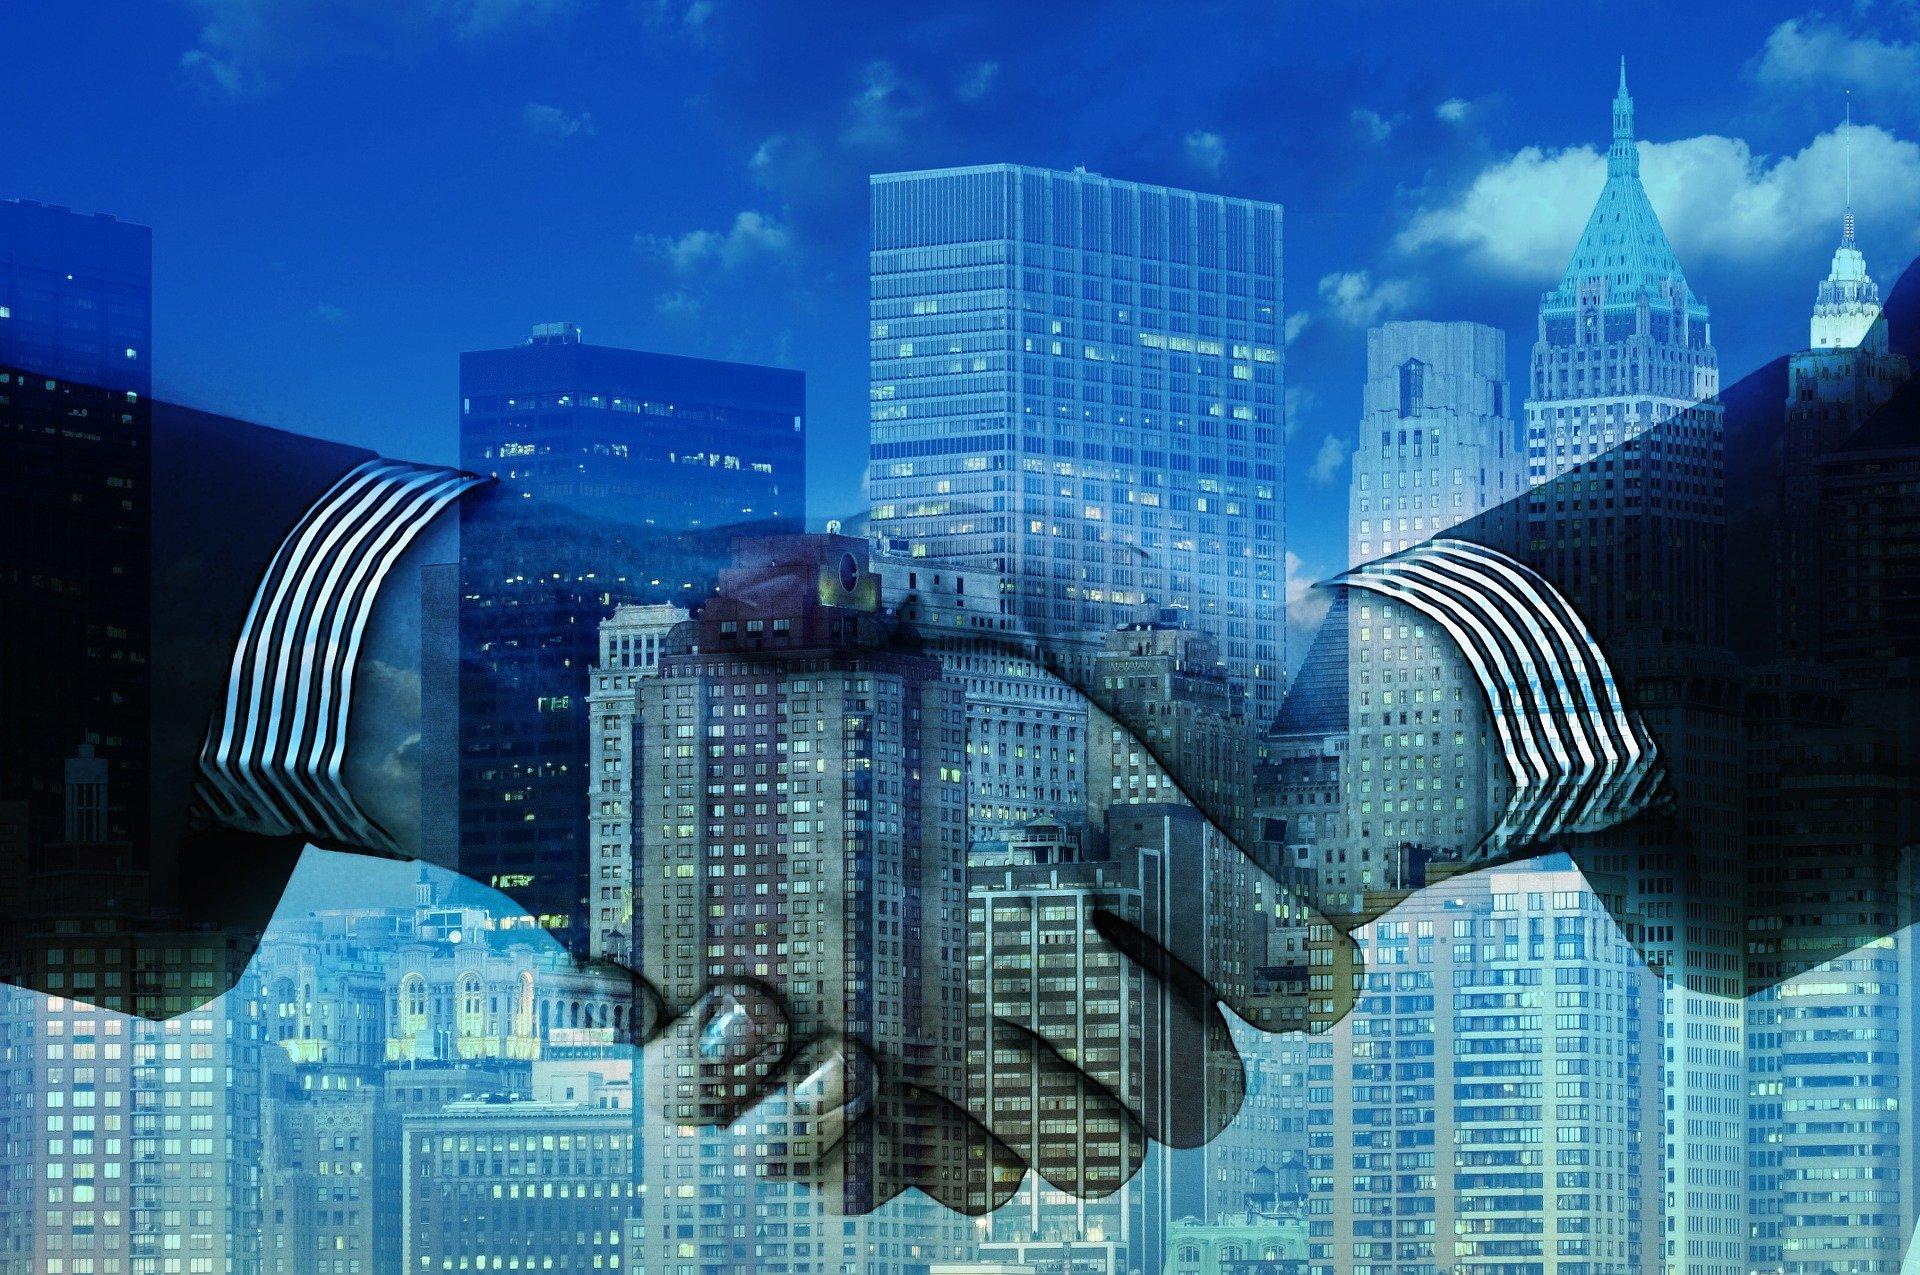 קיפול שכבות: בית ההשקעות אקסלנס ממזג חברות בנות במטרה לנהל את העסקים באופן מאוחד